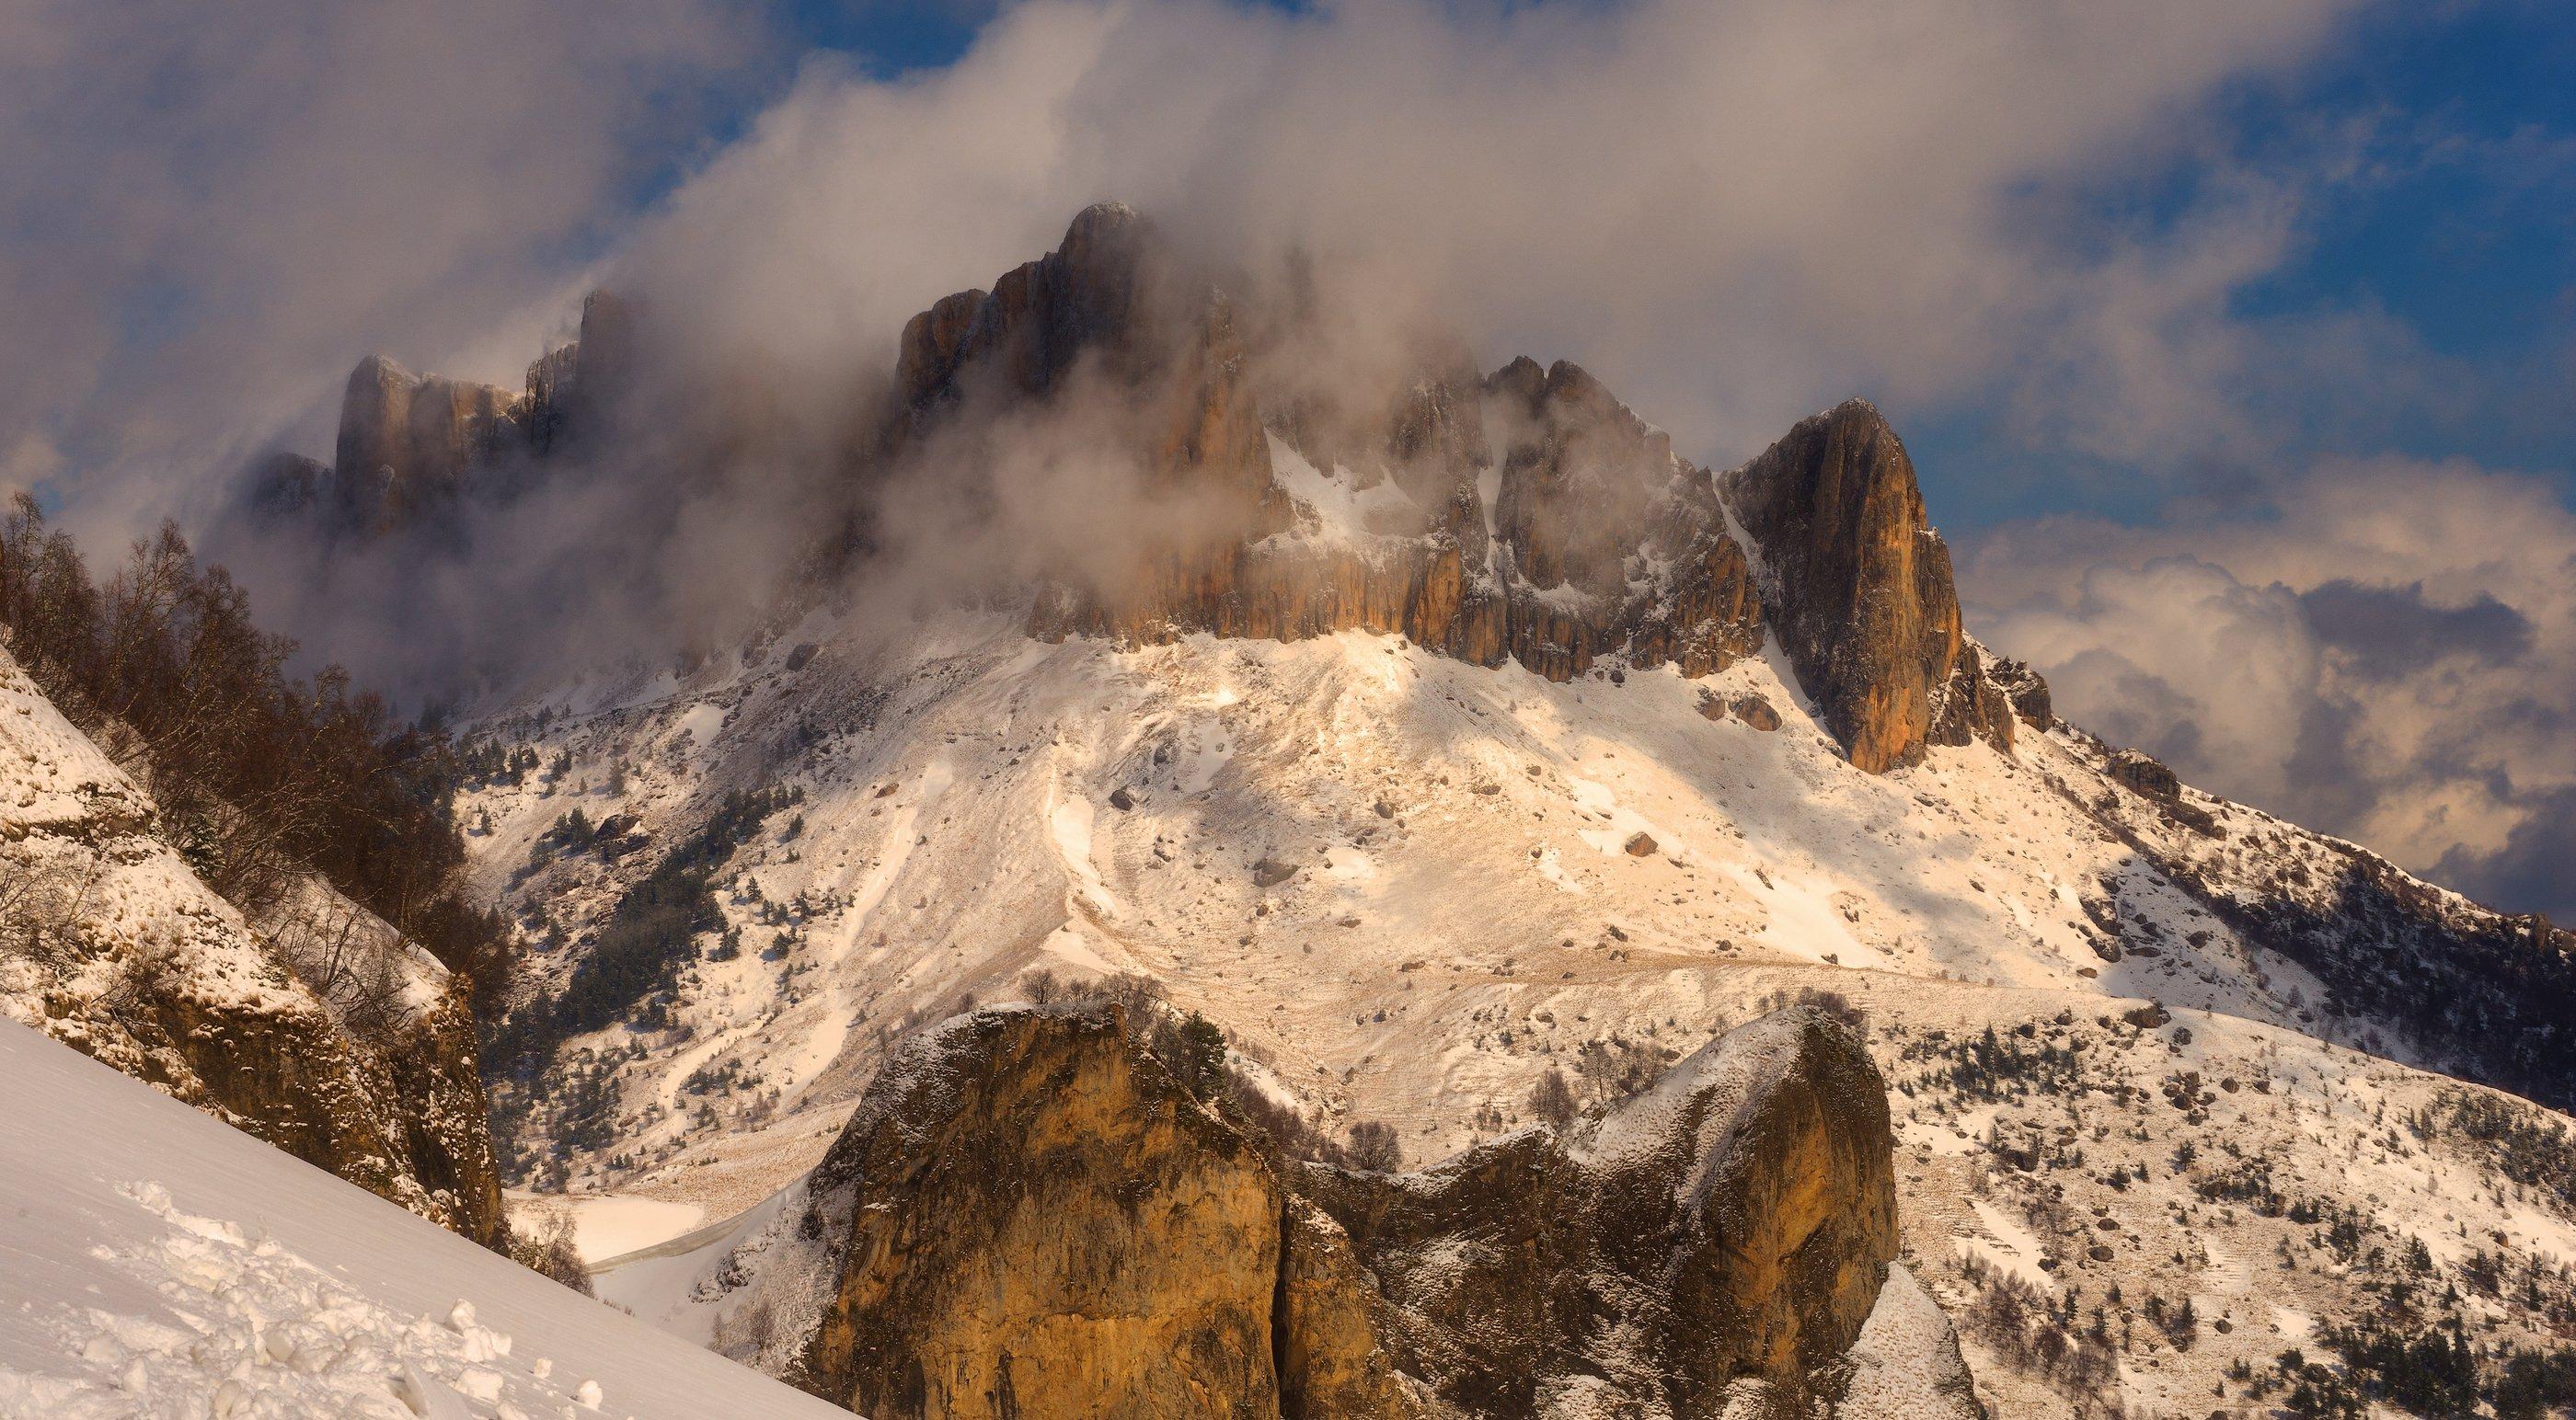 где-то, в, горах, Александр Плеханов